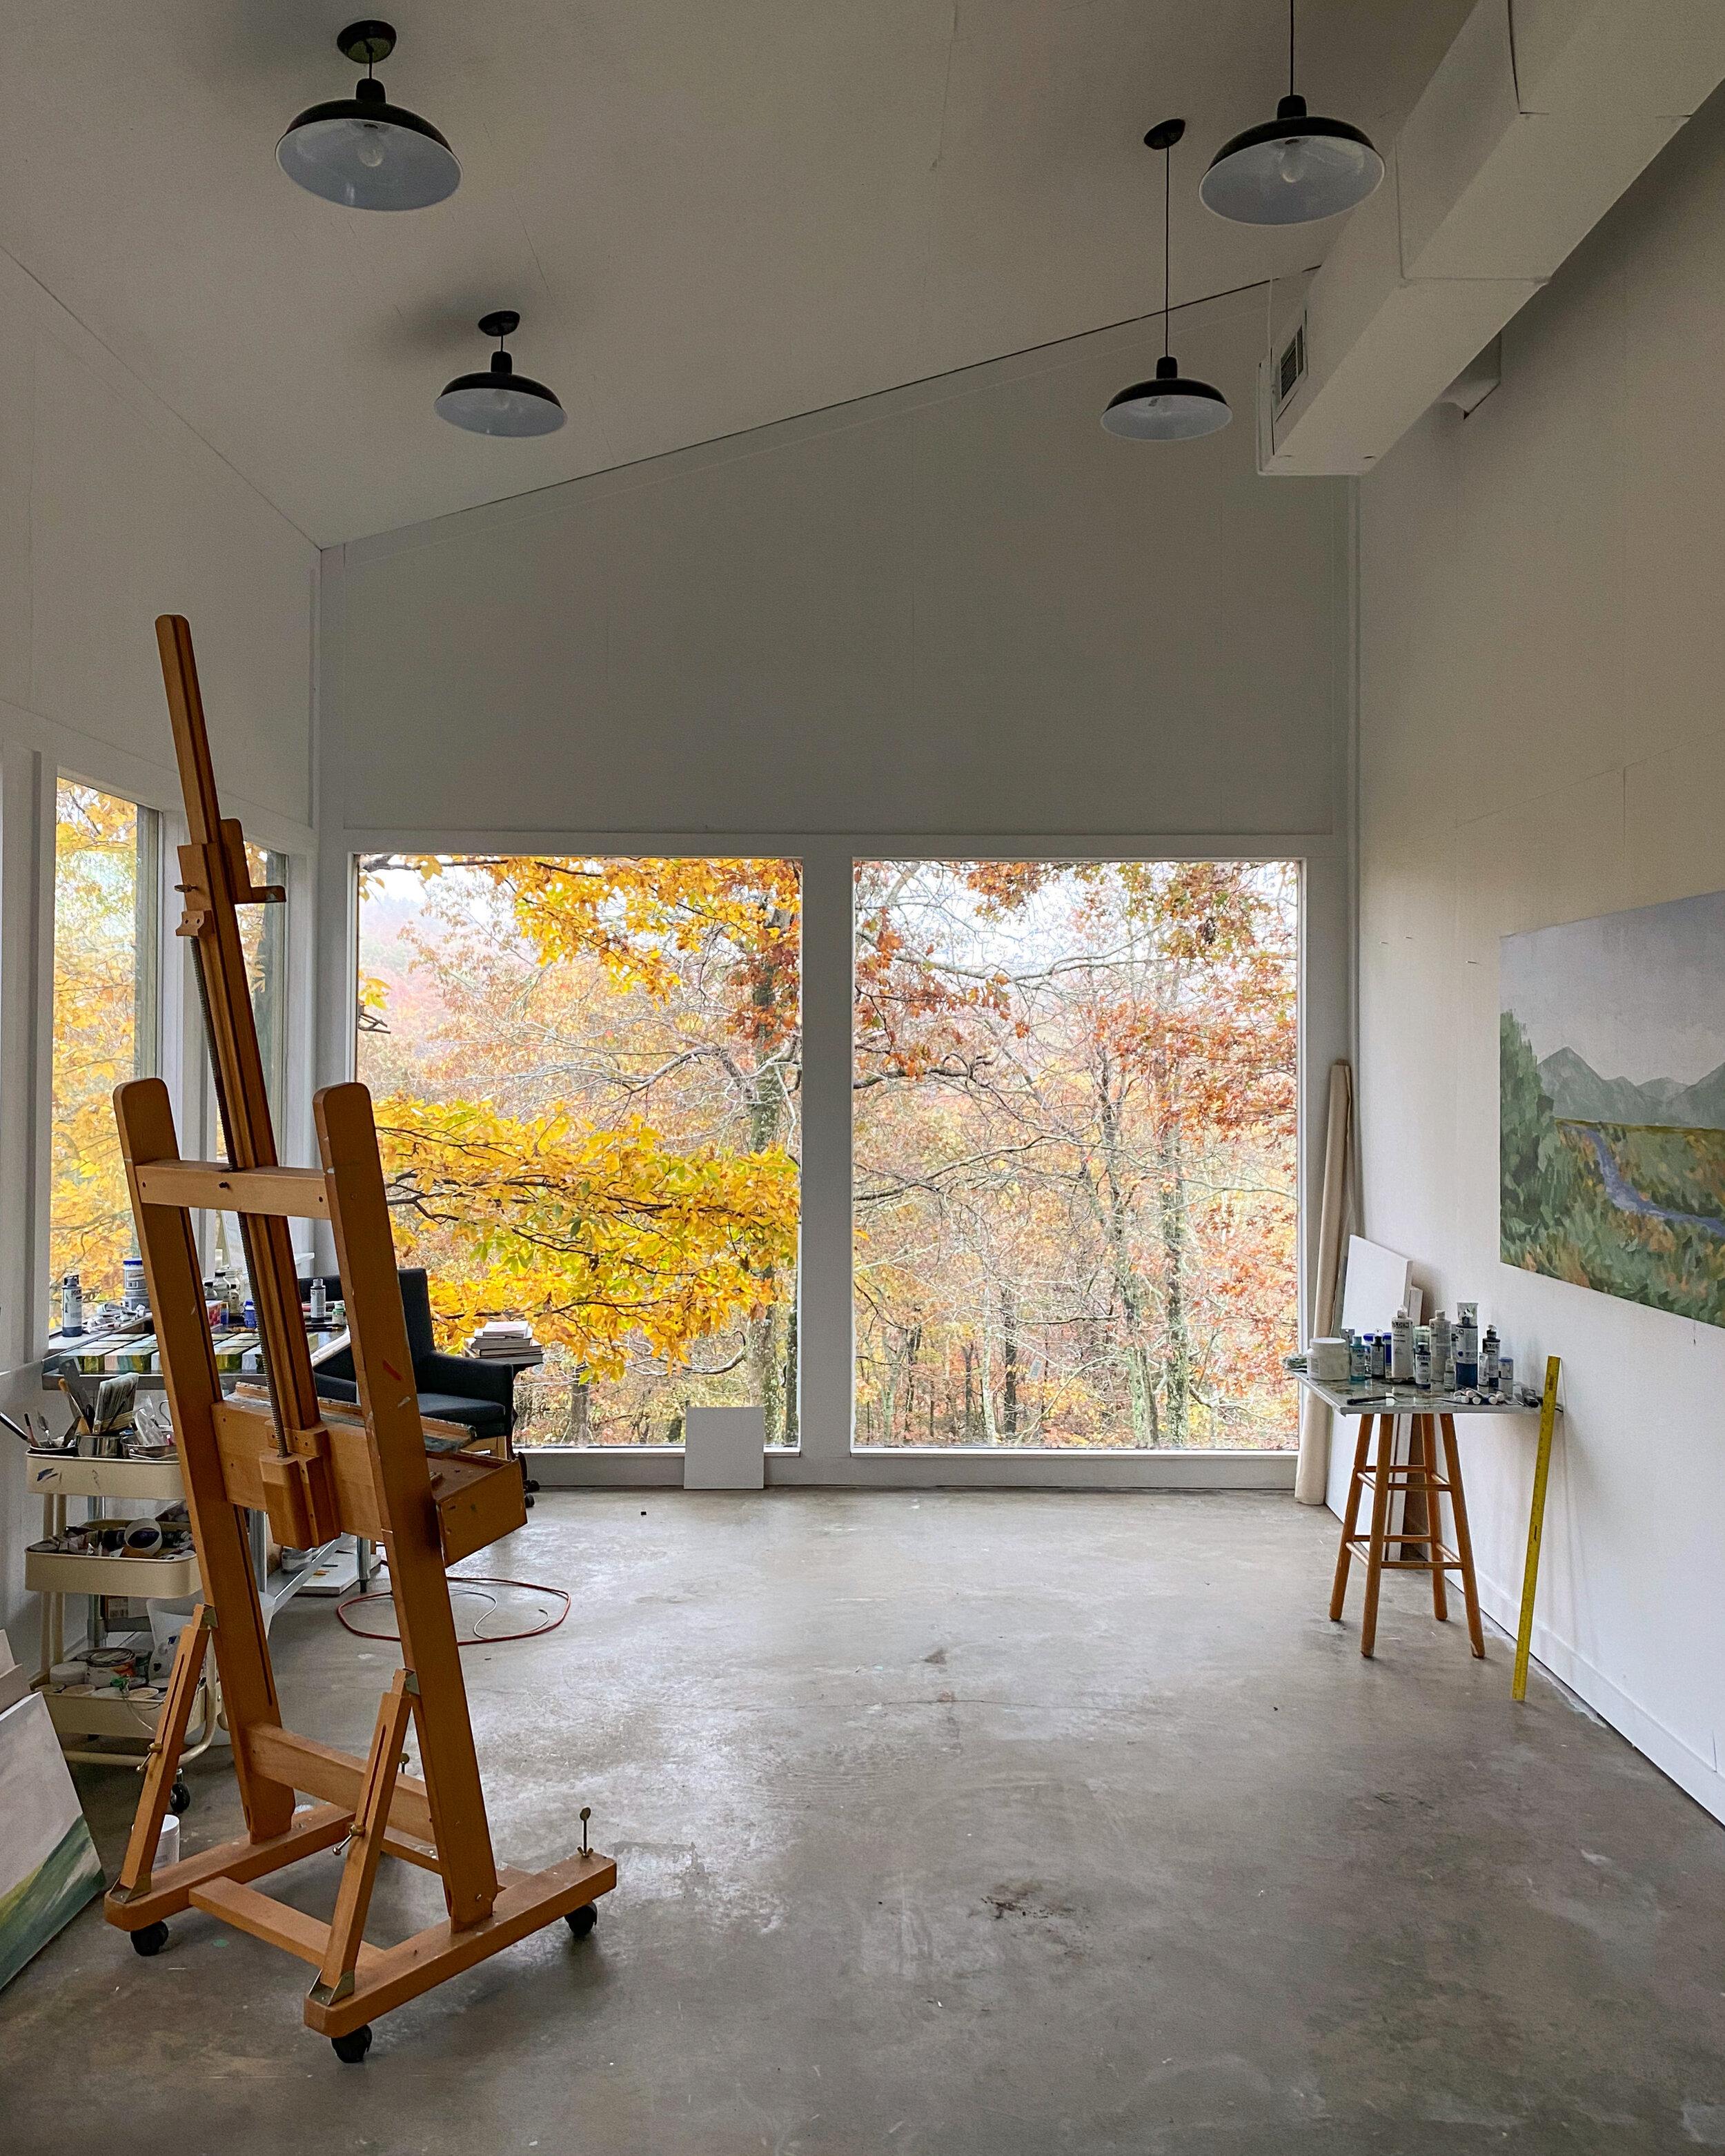 Studio windows looking their Fall Best.